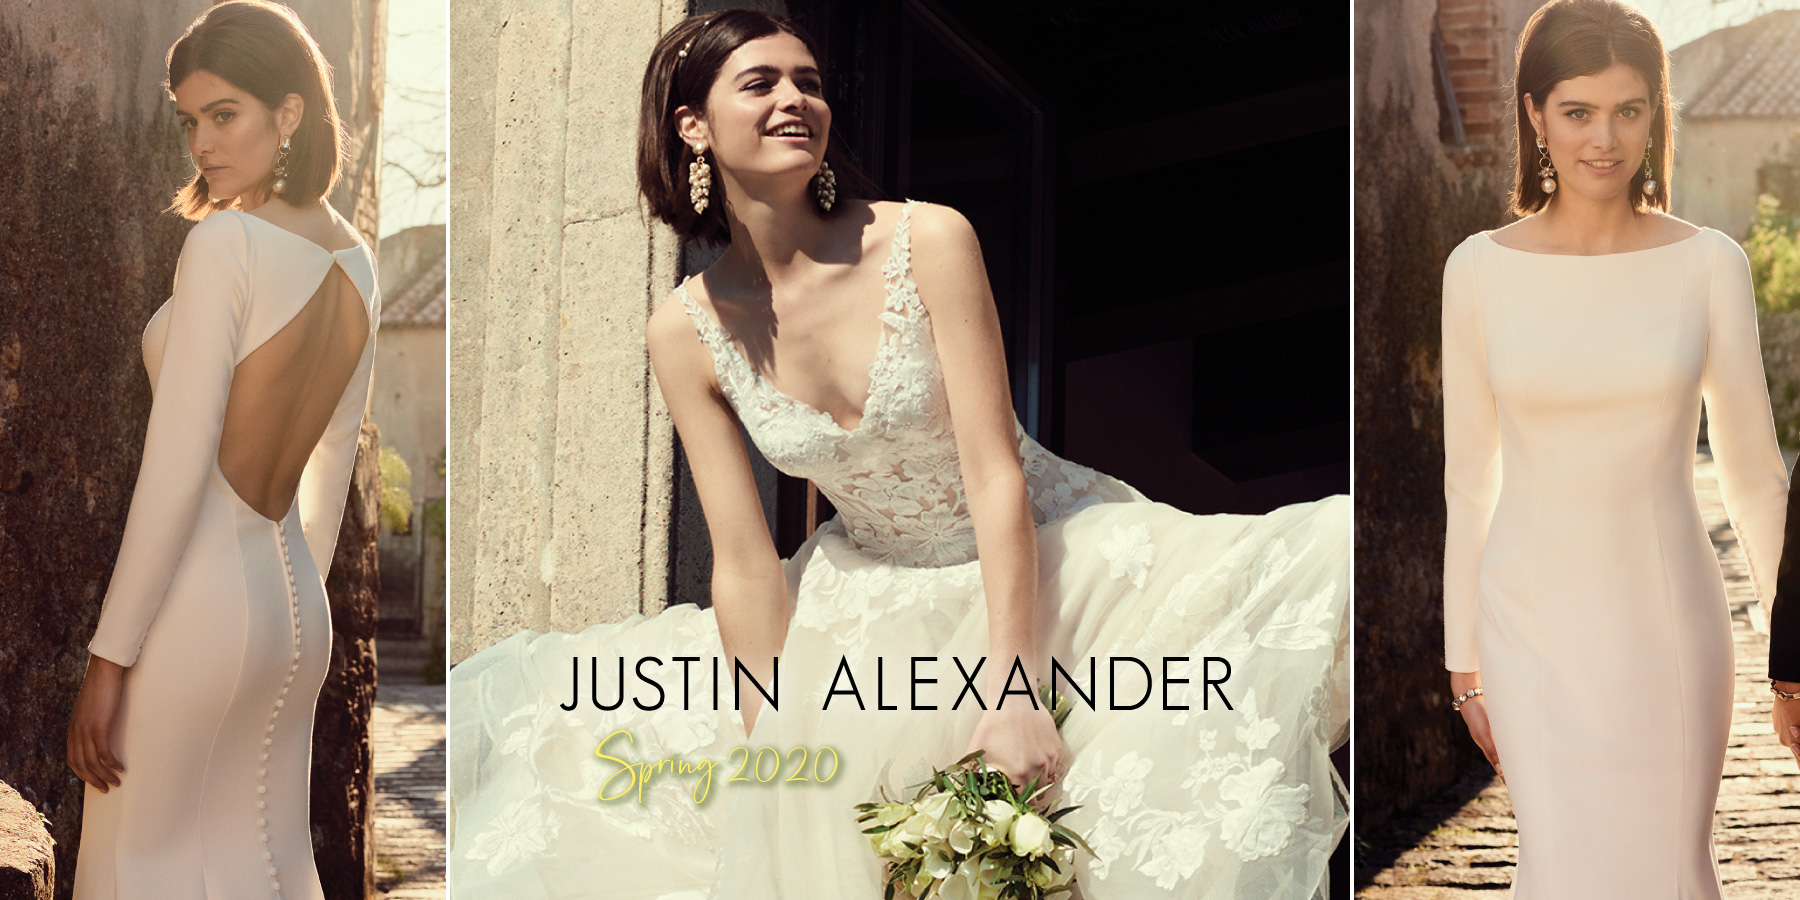 Justin Alexander